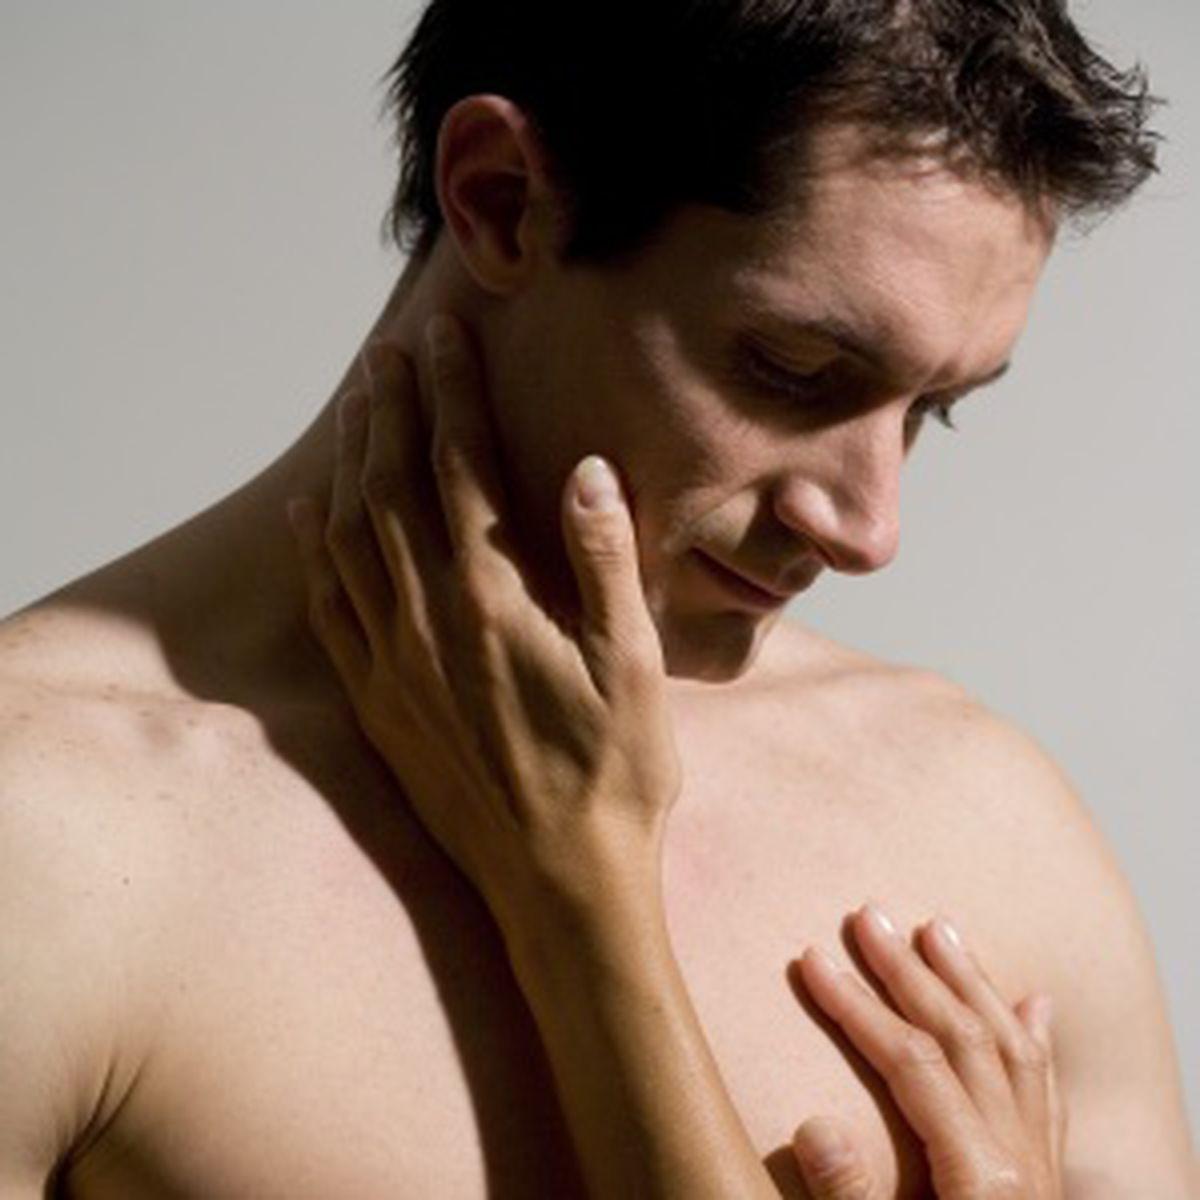 cauzele erecției întârziate la bărbați